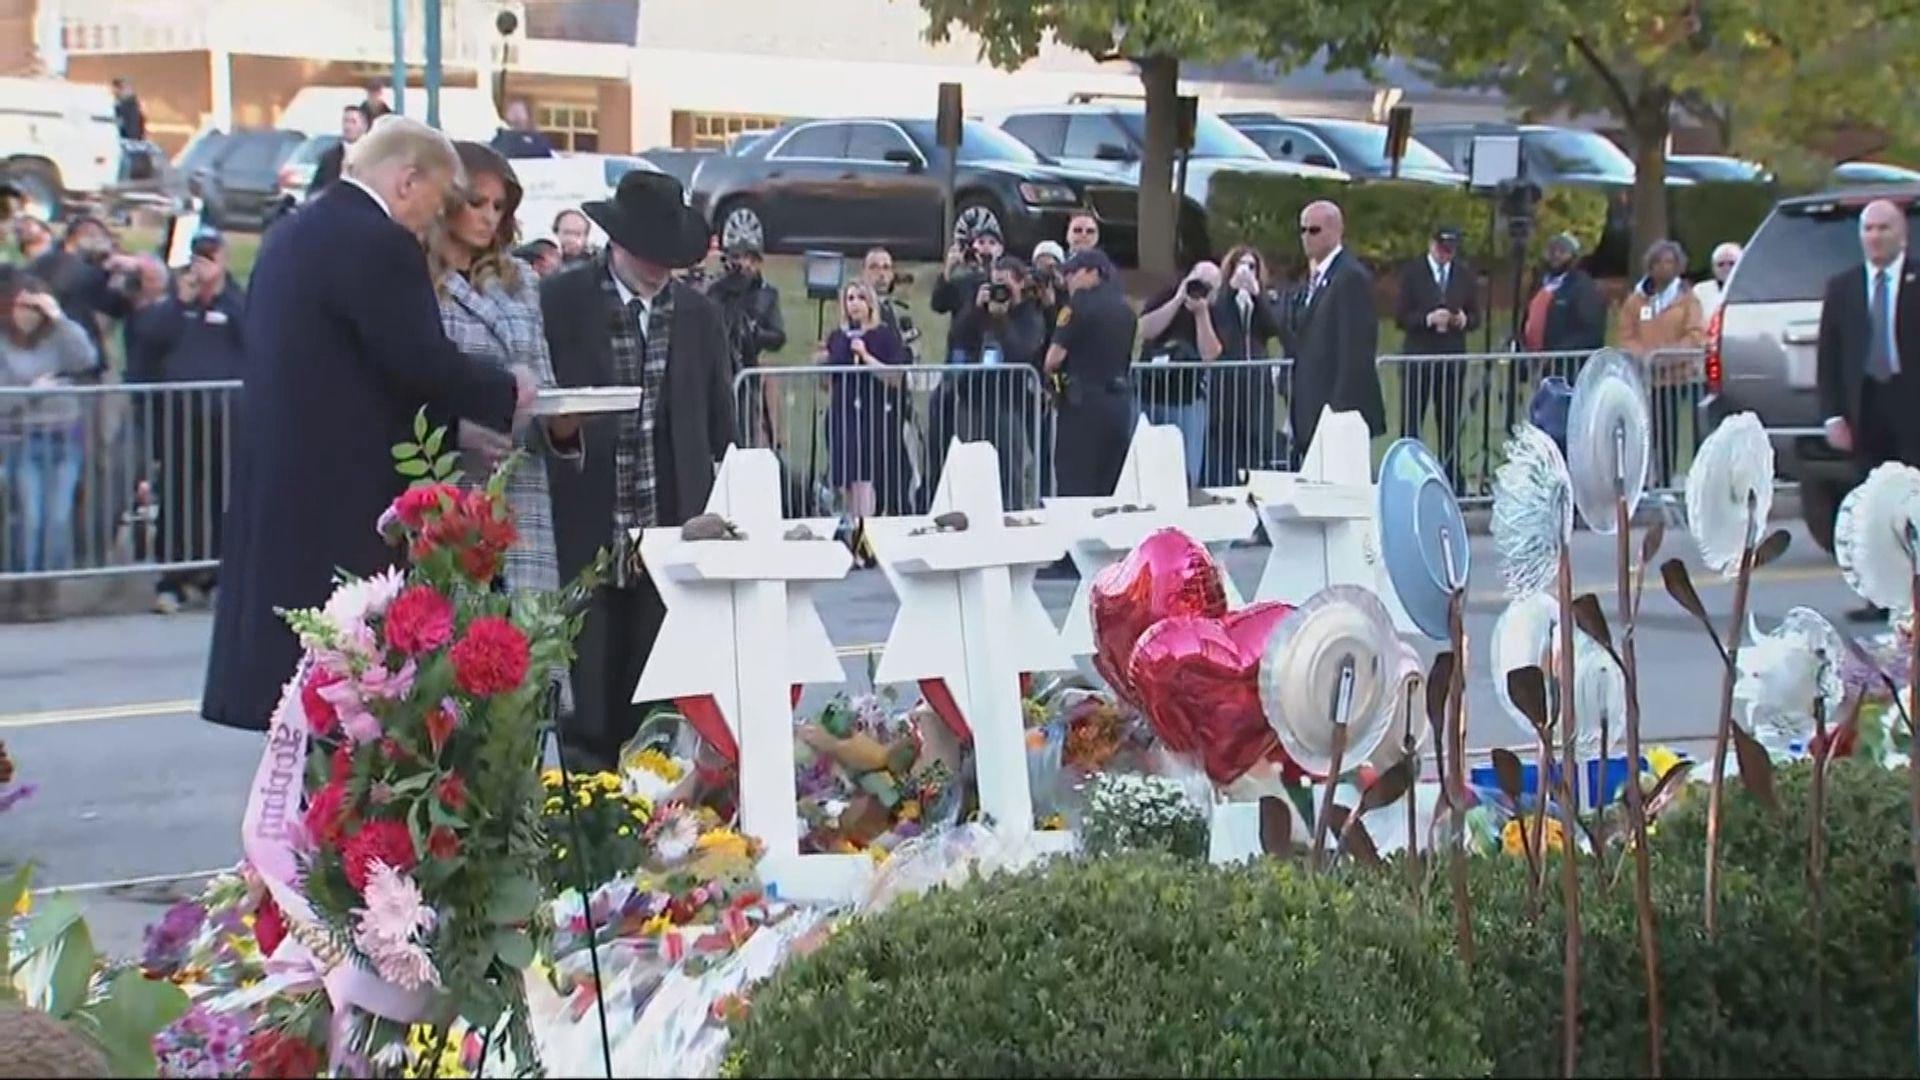 特朗普悼念槍擊案迎來民眾示威